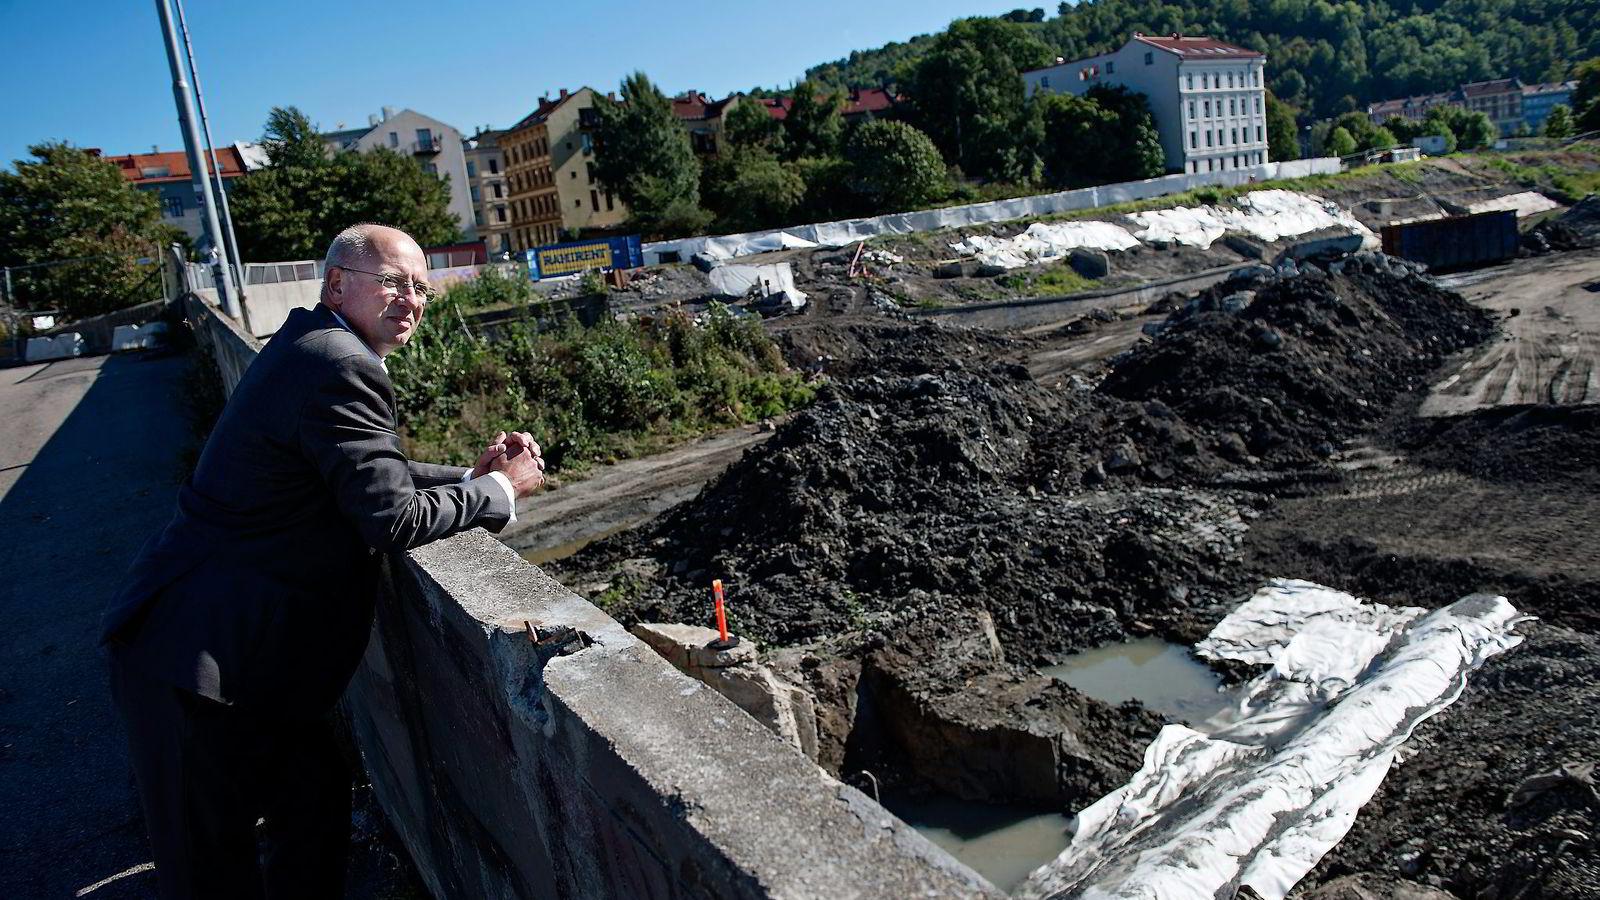 IKKE PRIS. – På Follobanen er ikke løsningen å velge anbud kun på priser, sier Michael Bors, direktør, leverandør og marked, i Jernbaneverket.